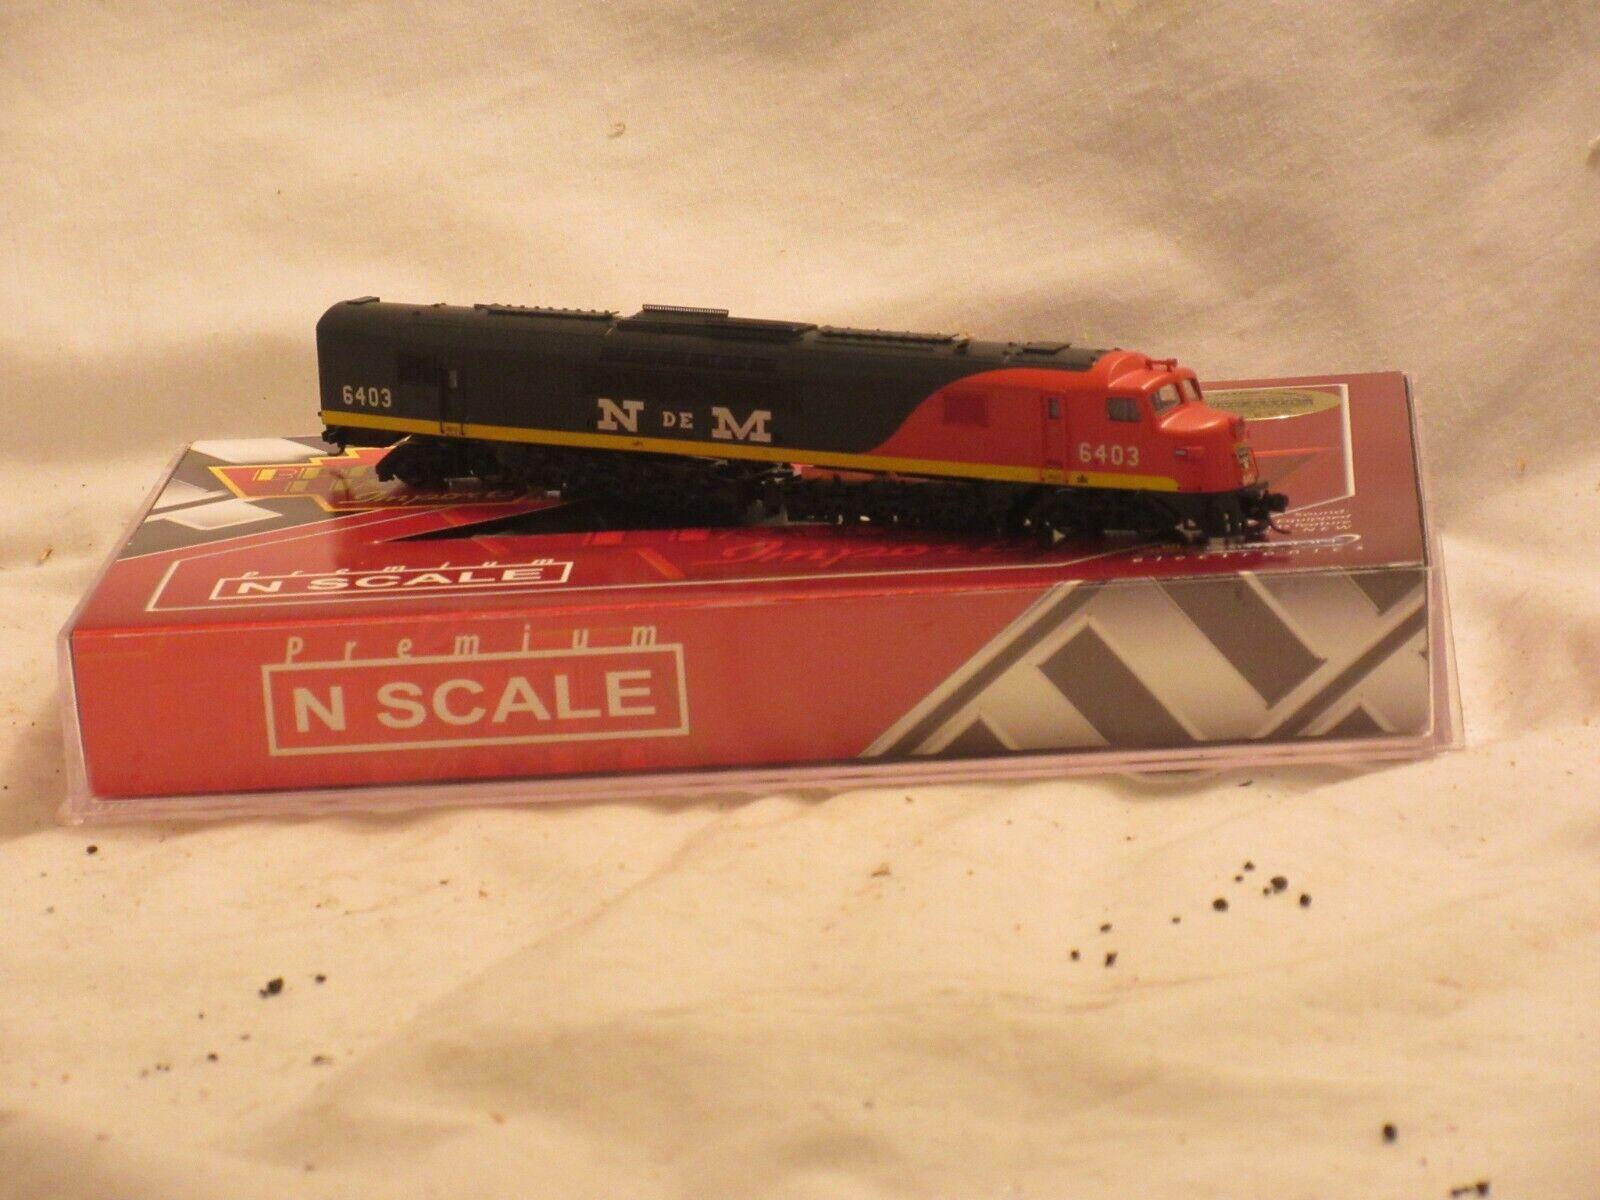 Broadway Limitierte Nacionales De Mexico 6403 n Maß Centepede Diesel Lokomotive